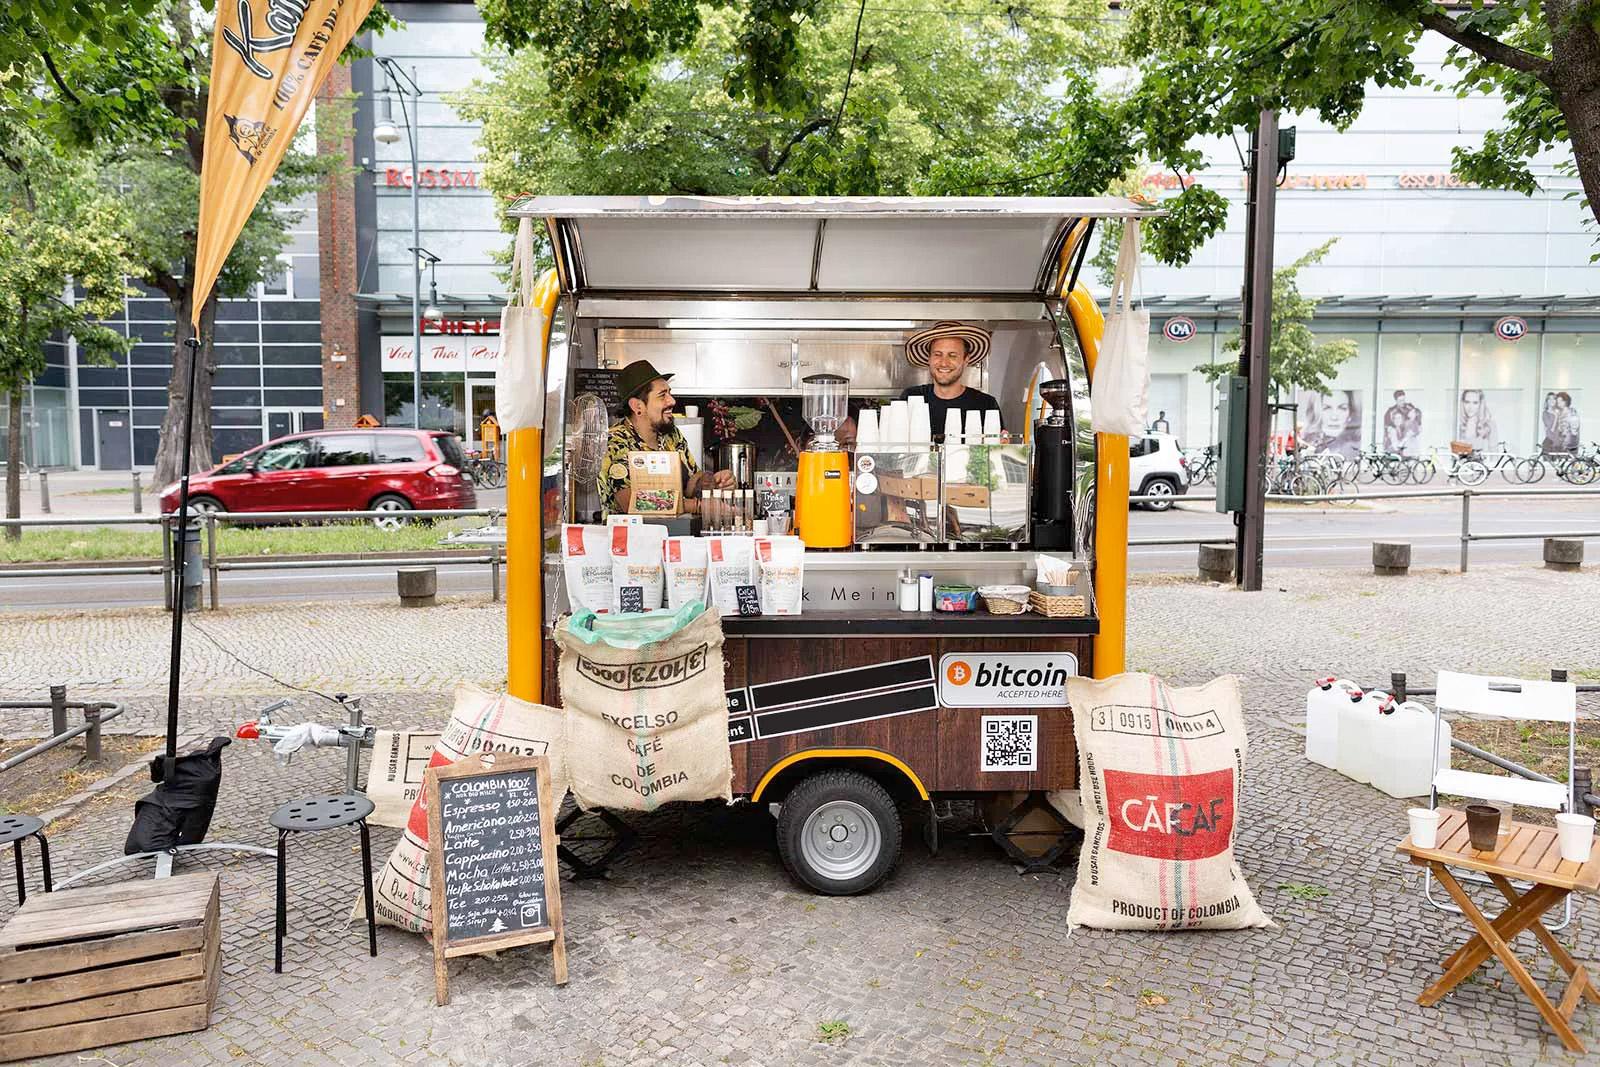 CafCaf Kaffee mobil Catering Ape in Berlin, Brandenburg und Deutschland